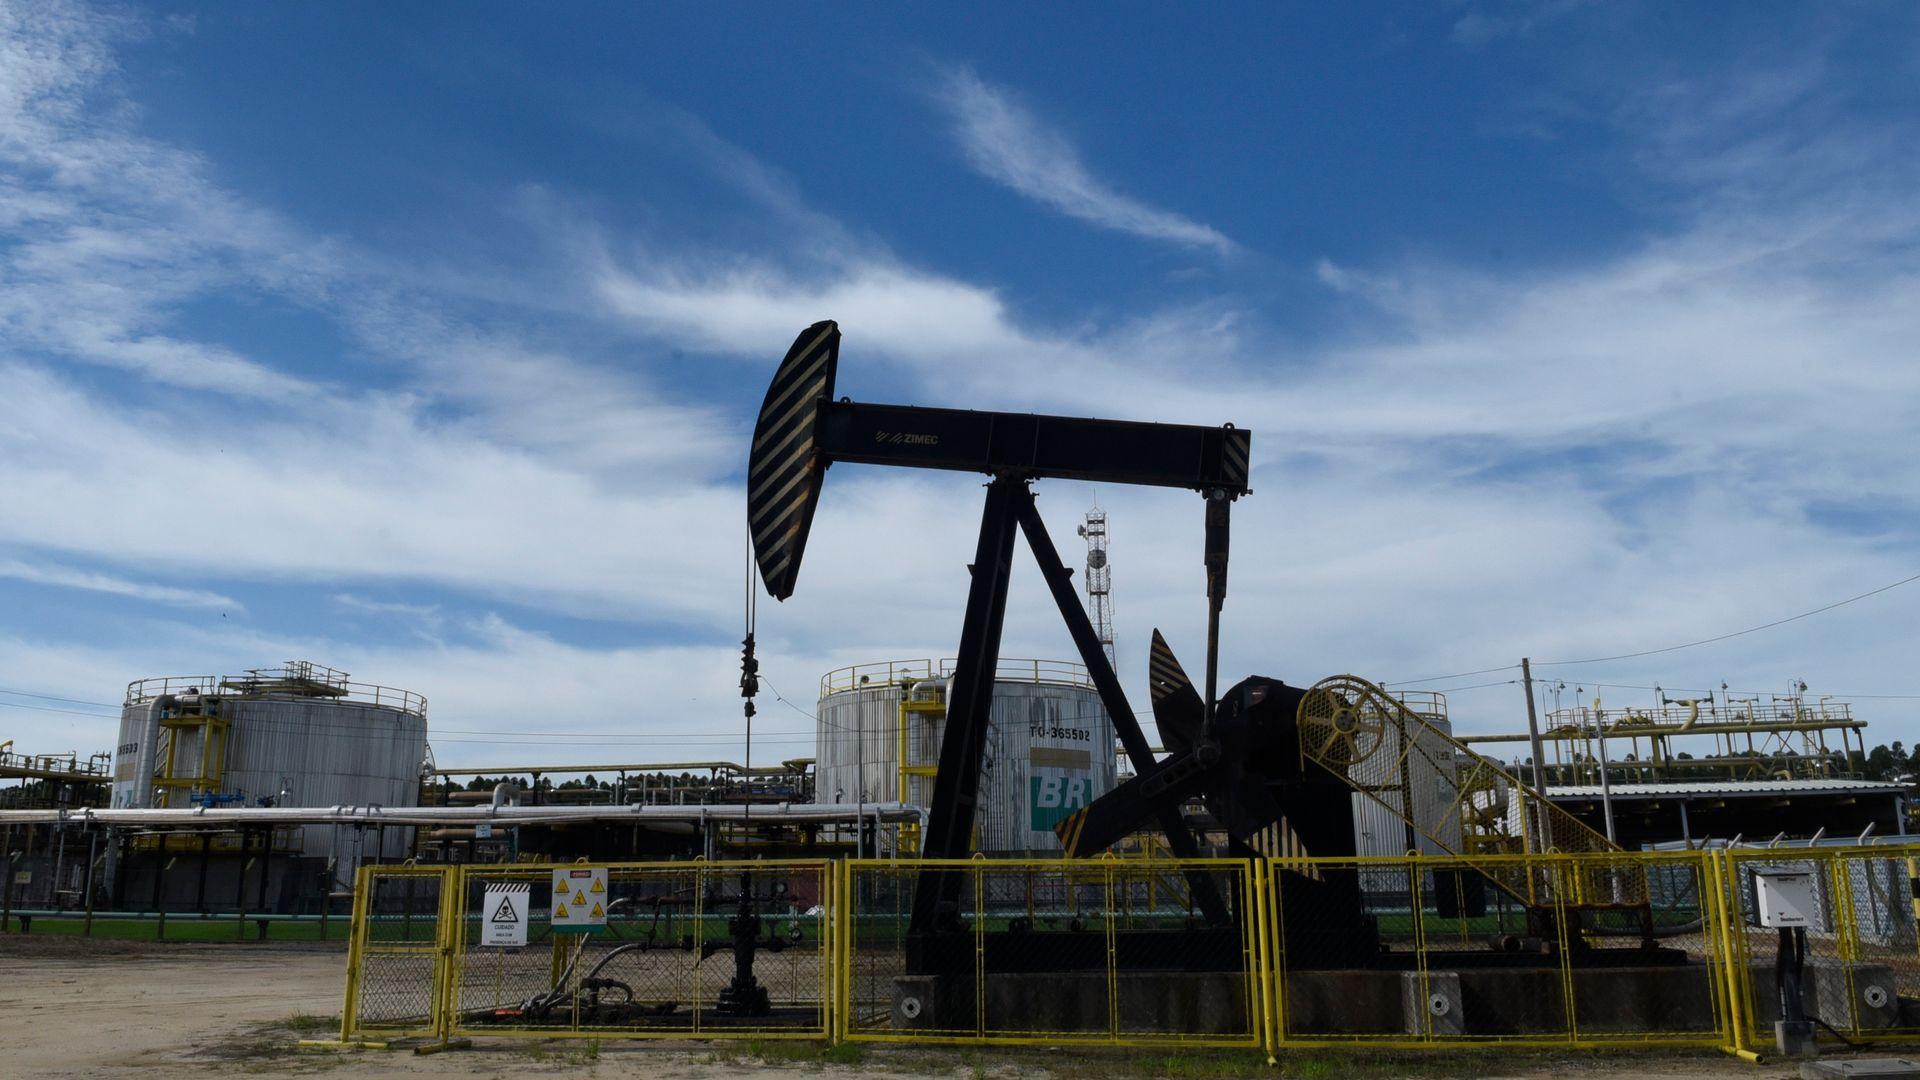 Estação de tratamento de petróleo da Petrobras Fazenda Alegre